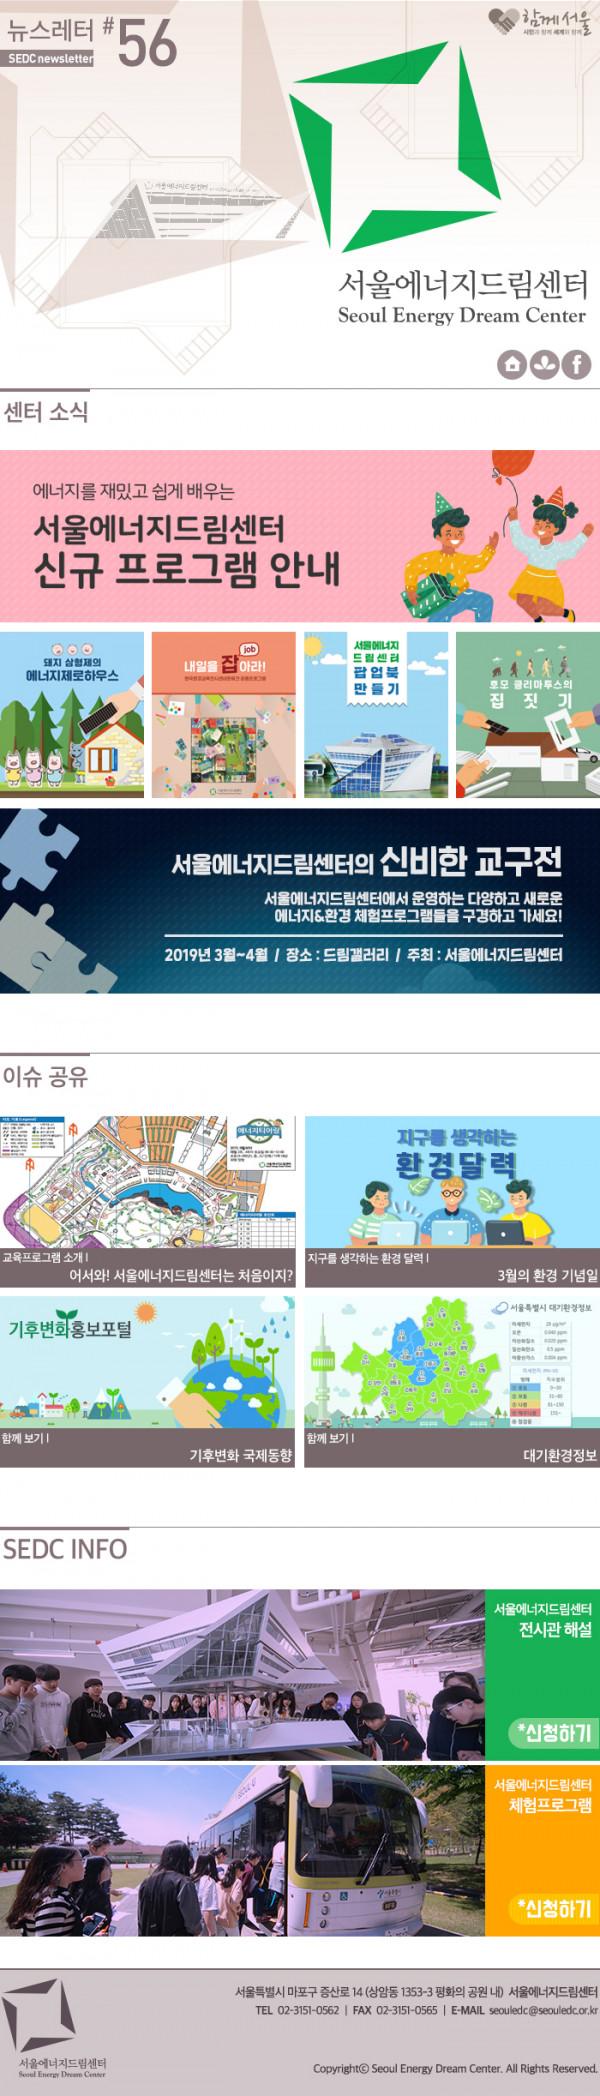 seouledc_newsletter_56.jpg